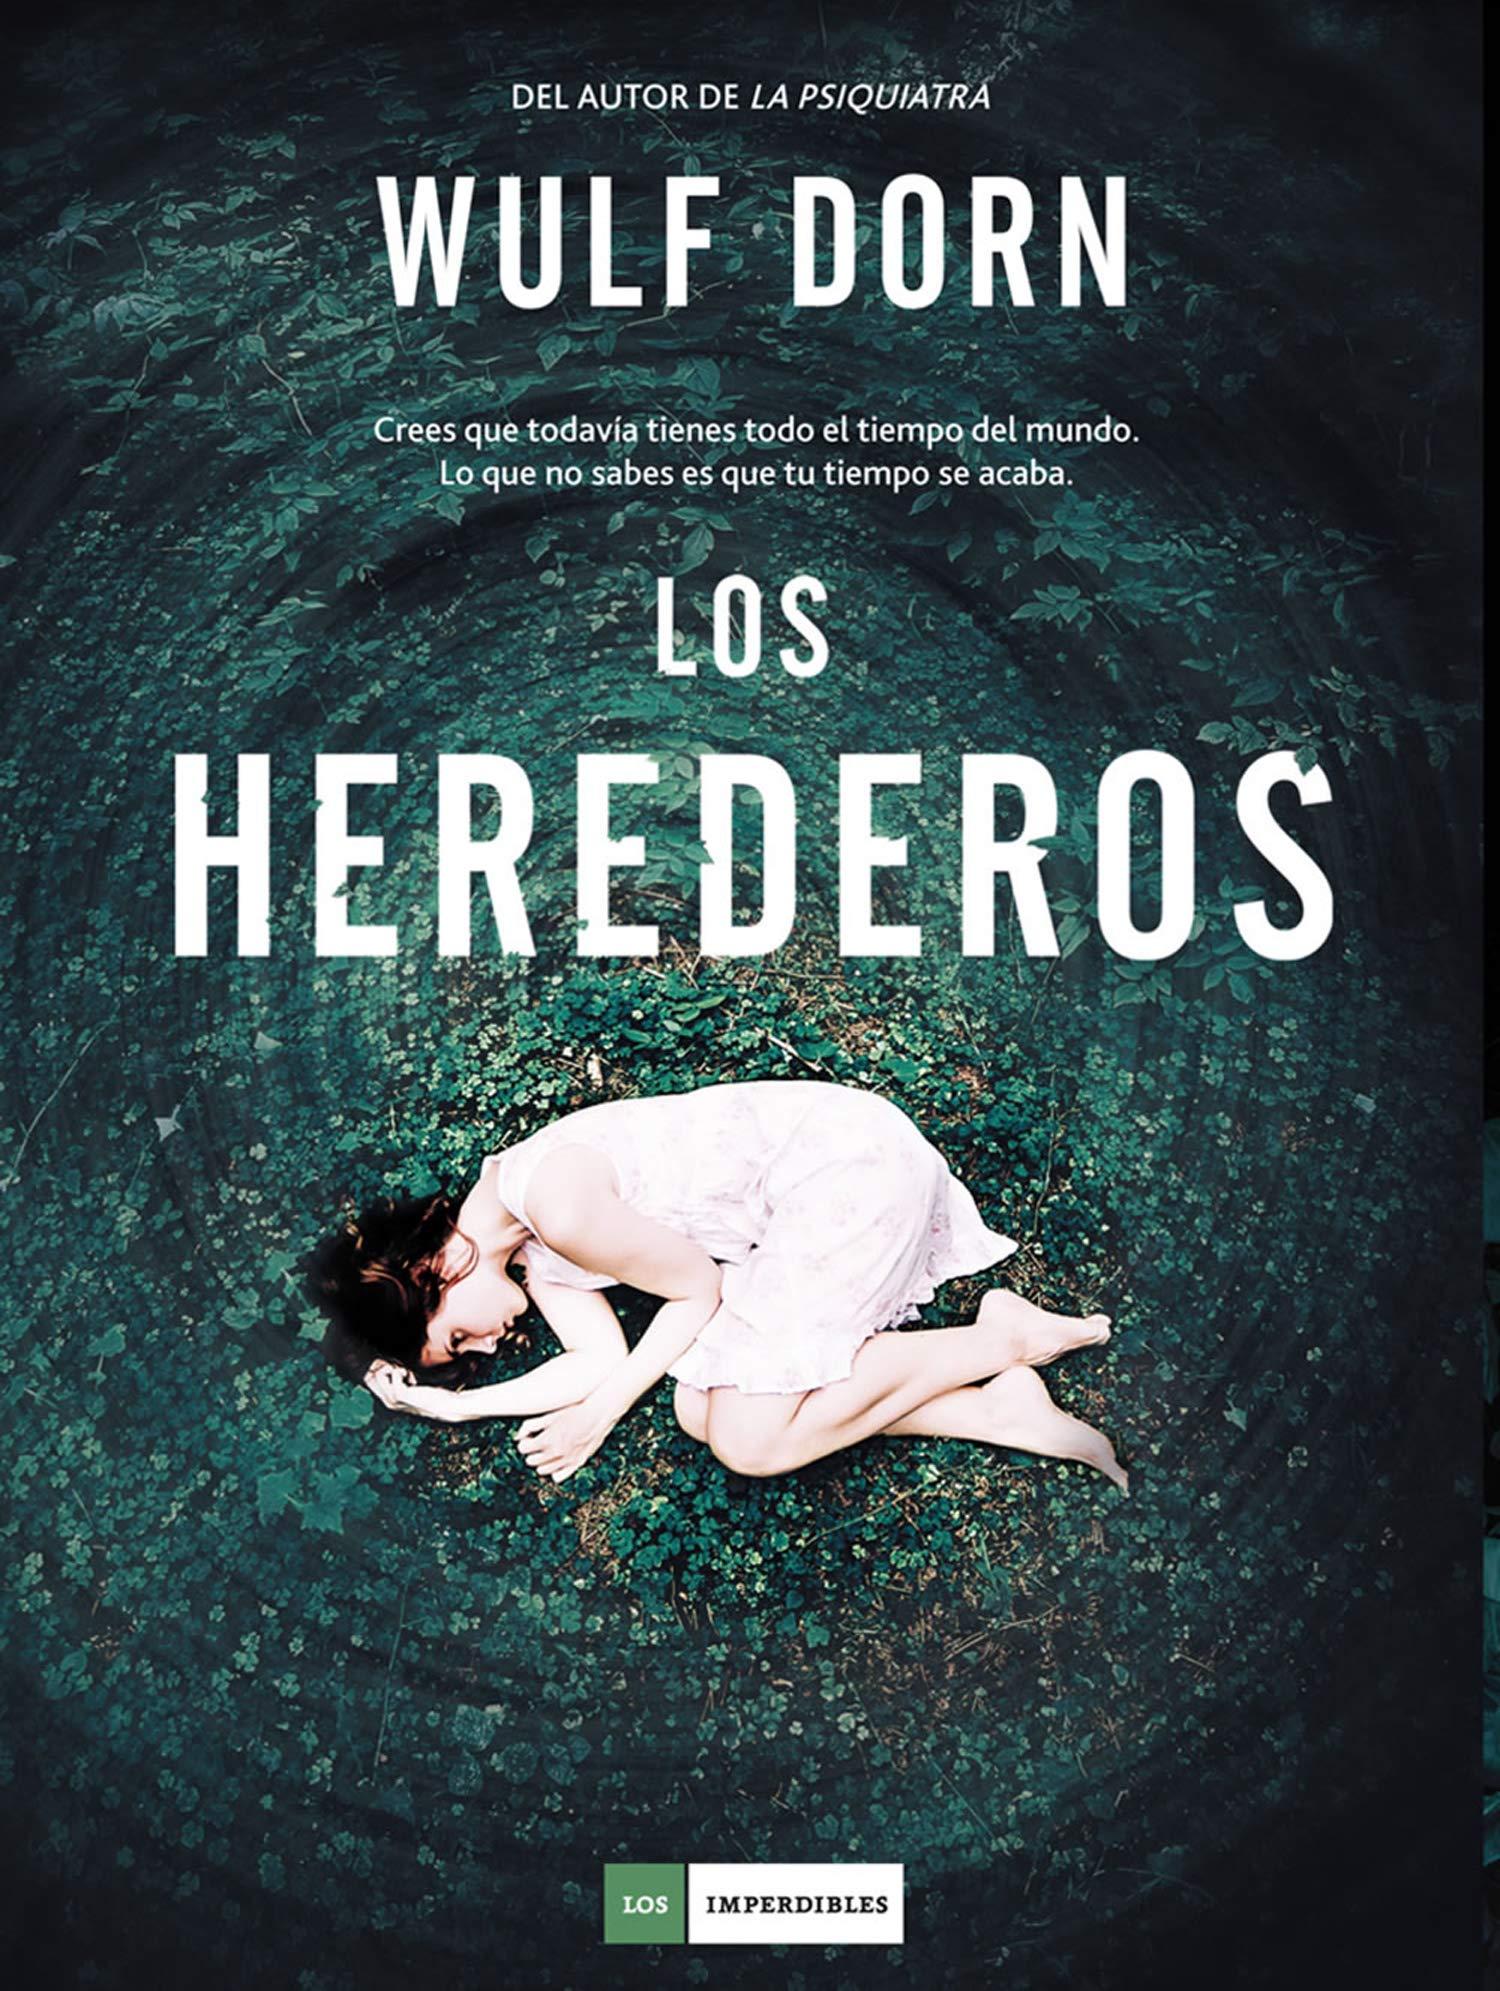 Los Herederos Próxima Aparición Dorn Wulf 9788417128579 Books Amazon Ca